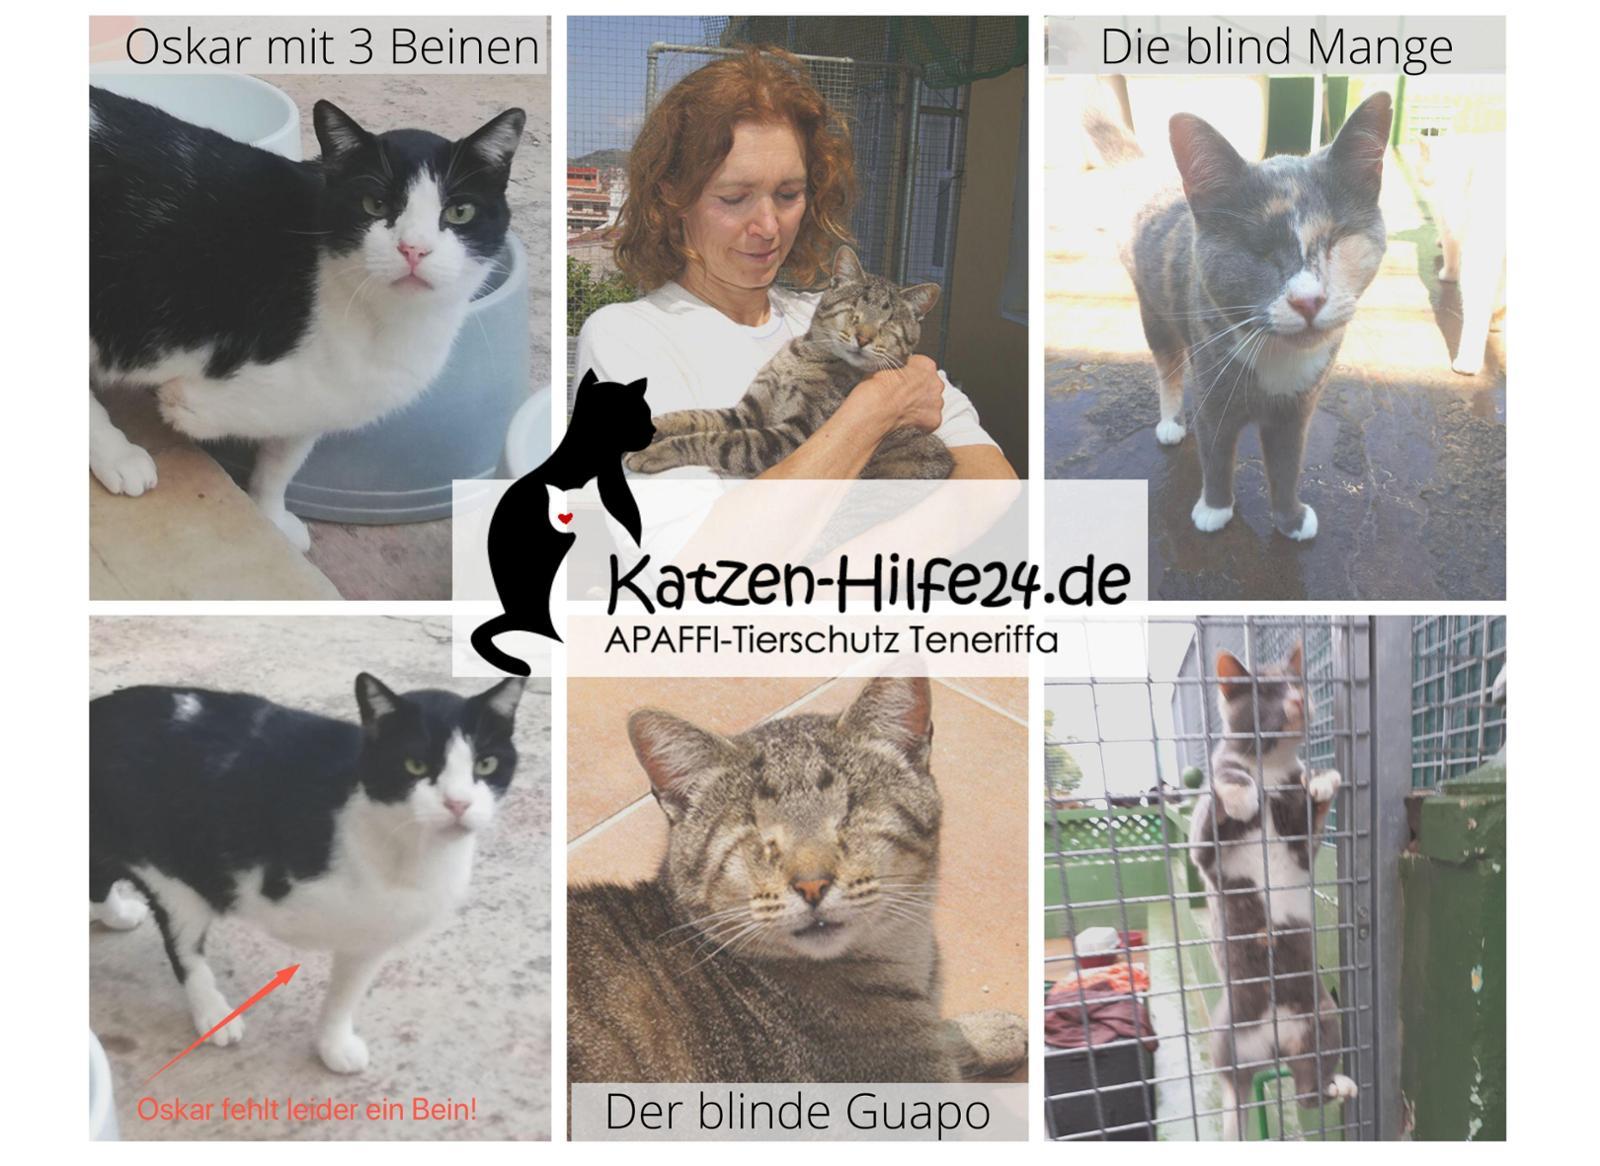 Los gatos ayudan - Katzen-Hilfe24.de